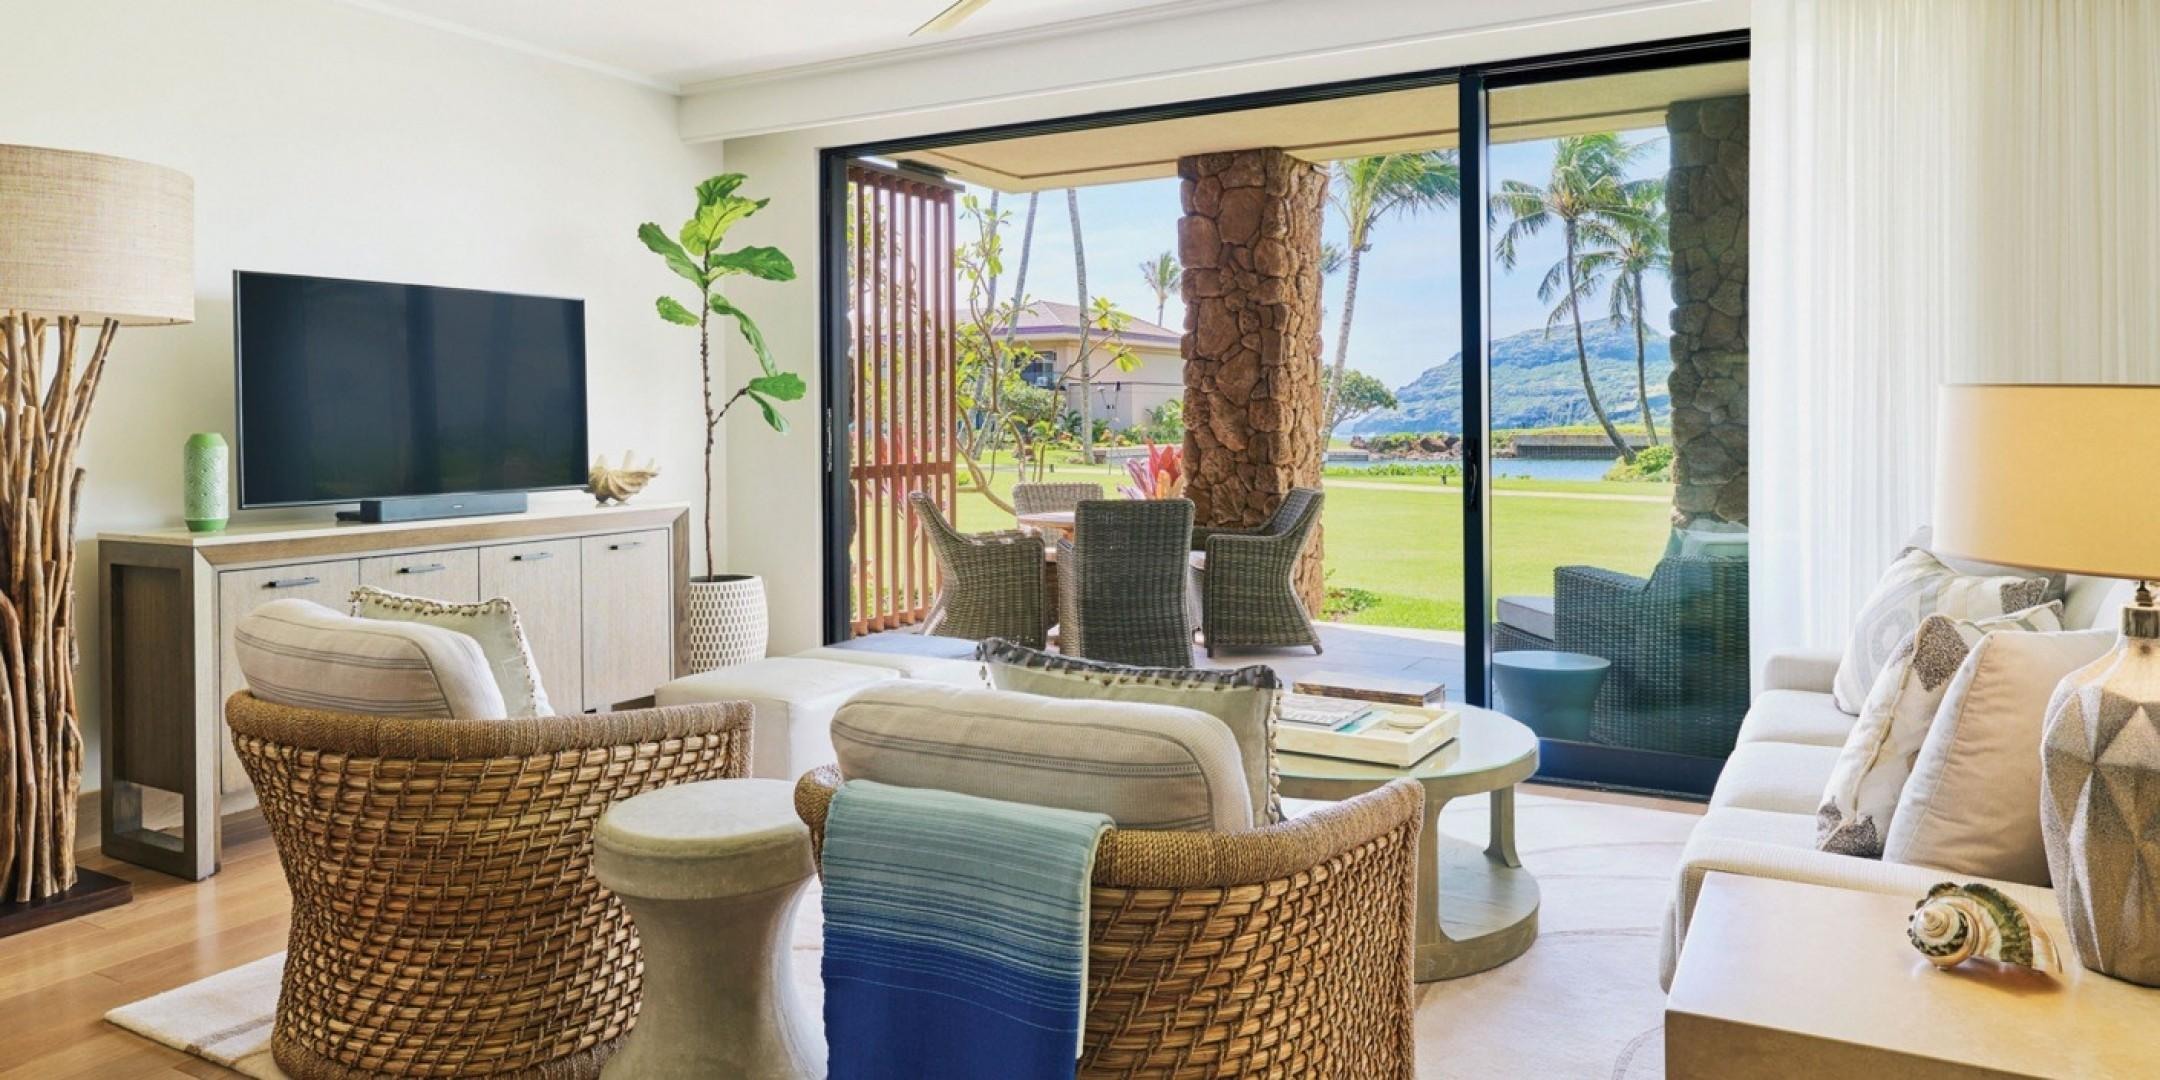 Walls of sliding glass doors create a true Hawaiian indoor-outdoor living experience.